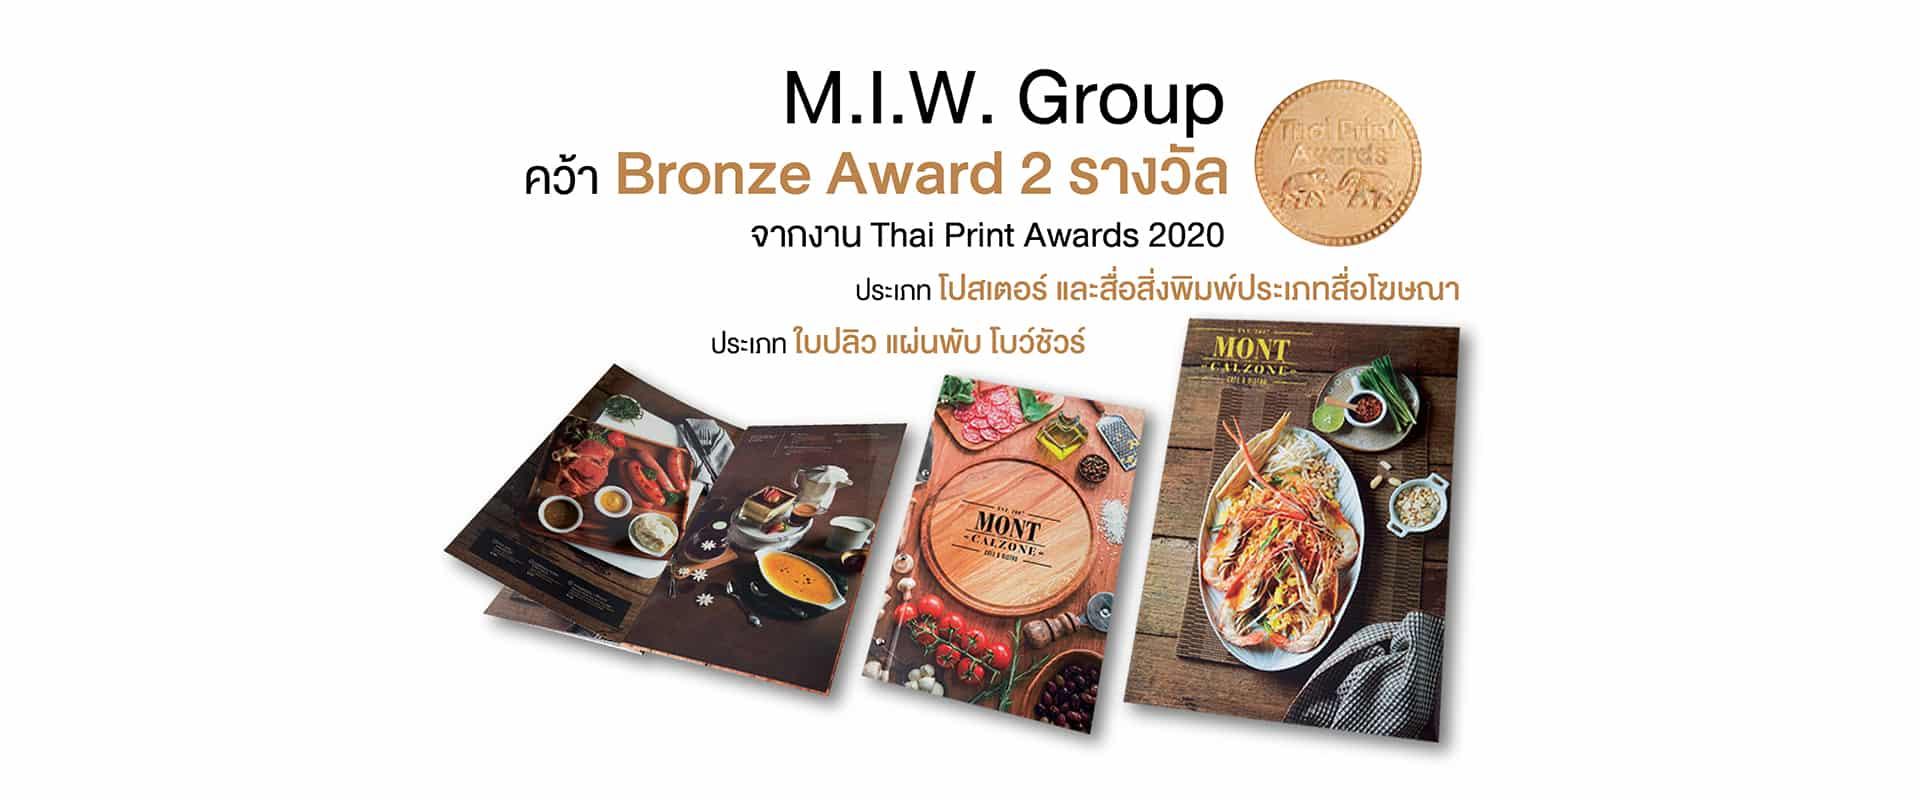 M.I.W. Group คว้า 2 รางวัลเหรียญทองแดง จากงานประกวดสิ่งพิมพ์แห่งชาติ ครั้งที่ 14 (14th Thai Print Awards 2020)